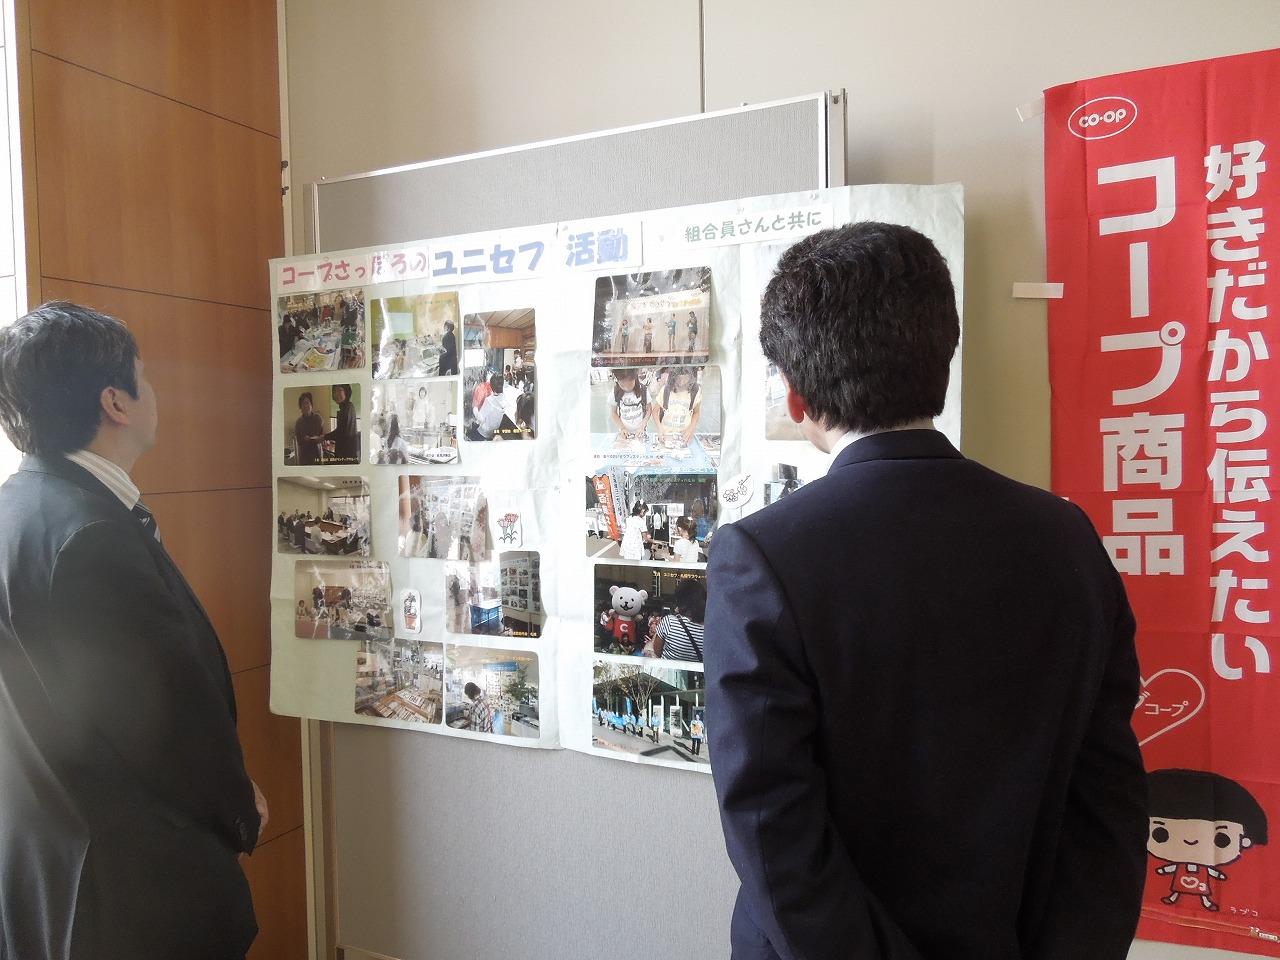 http://www.unicef-hokkaido.jp/img/3%2C27%E5%B2%A9%E8%A6%8B%E6%B2%A2%20%282%29.jpg